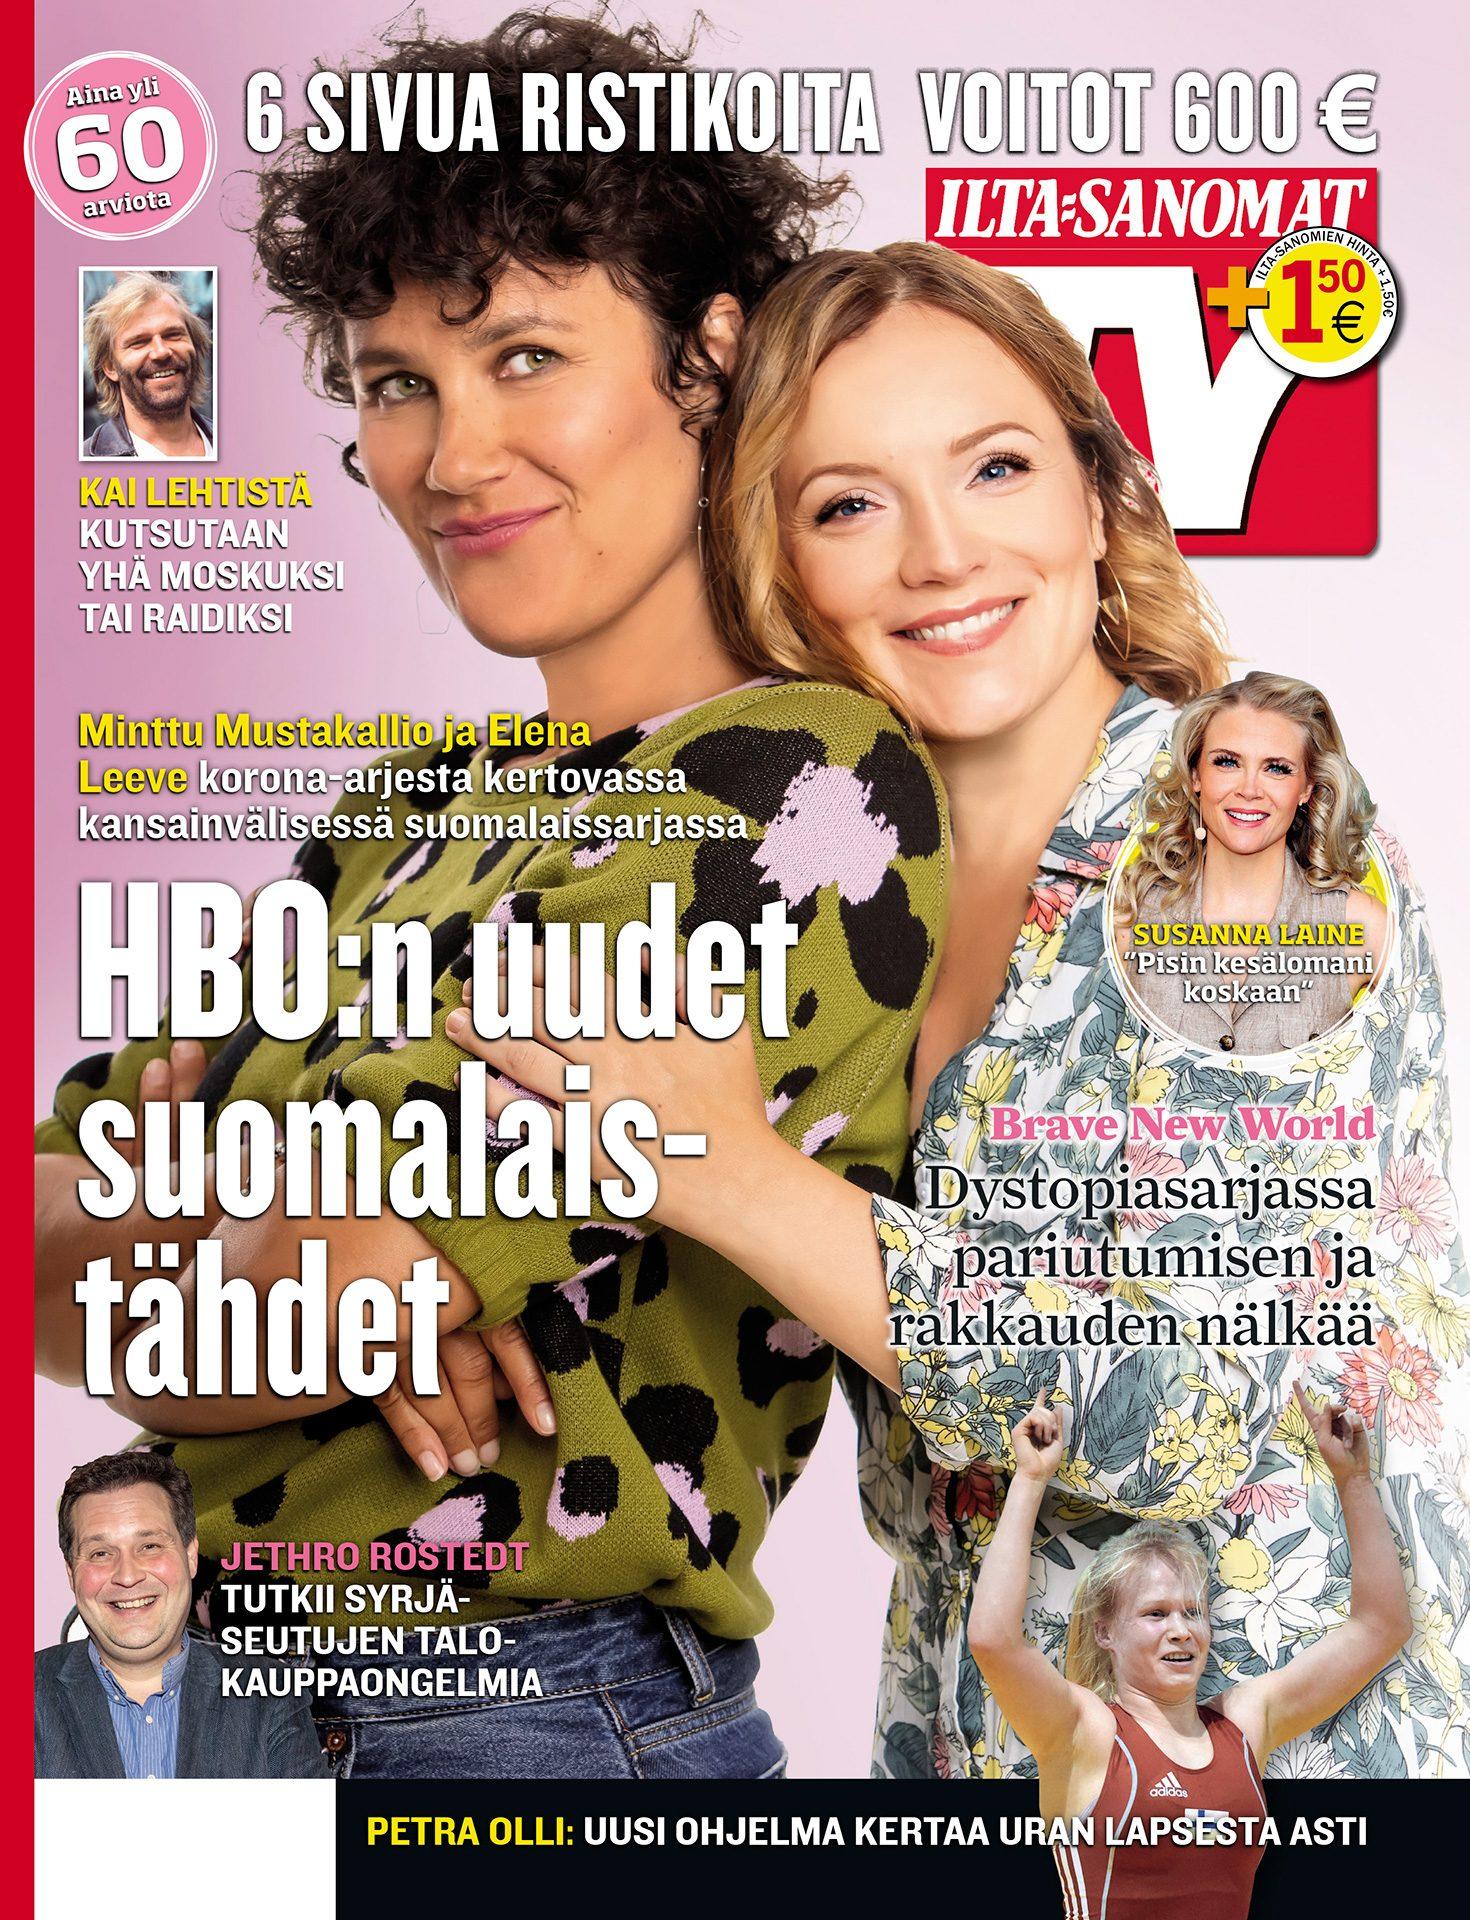 Minttu Mustakallio, Elena Leeve, näyttelijät